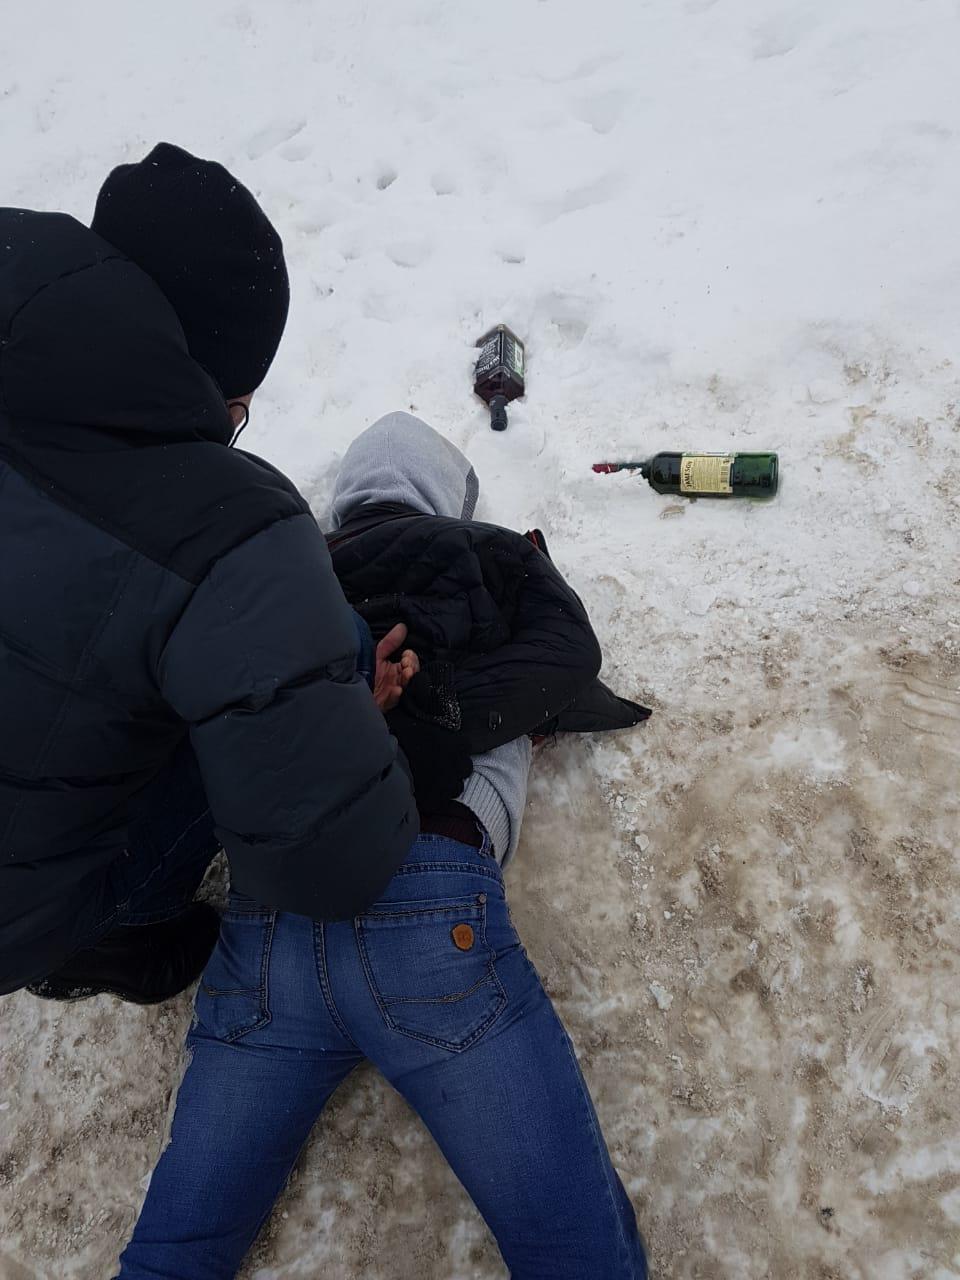 В Кирове задержали мужчину, укравшего из магазина две бутылки алкоголя.